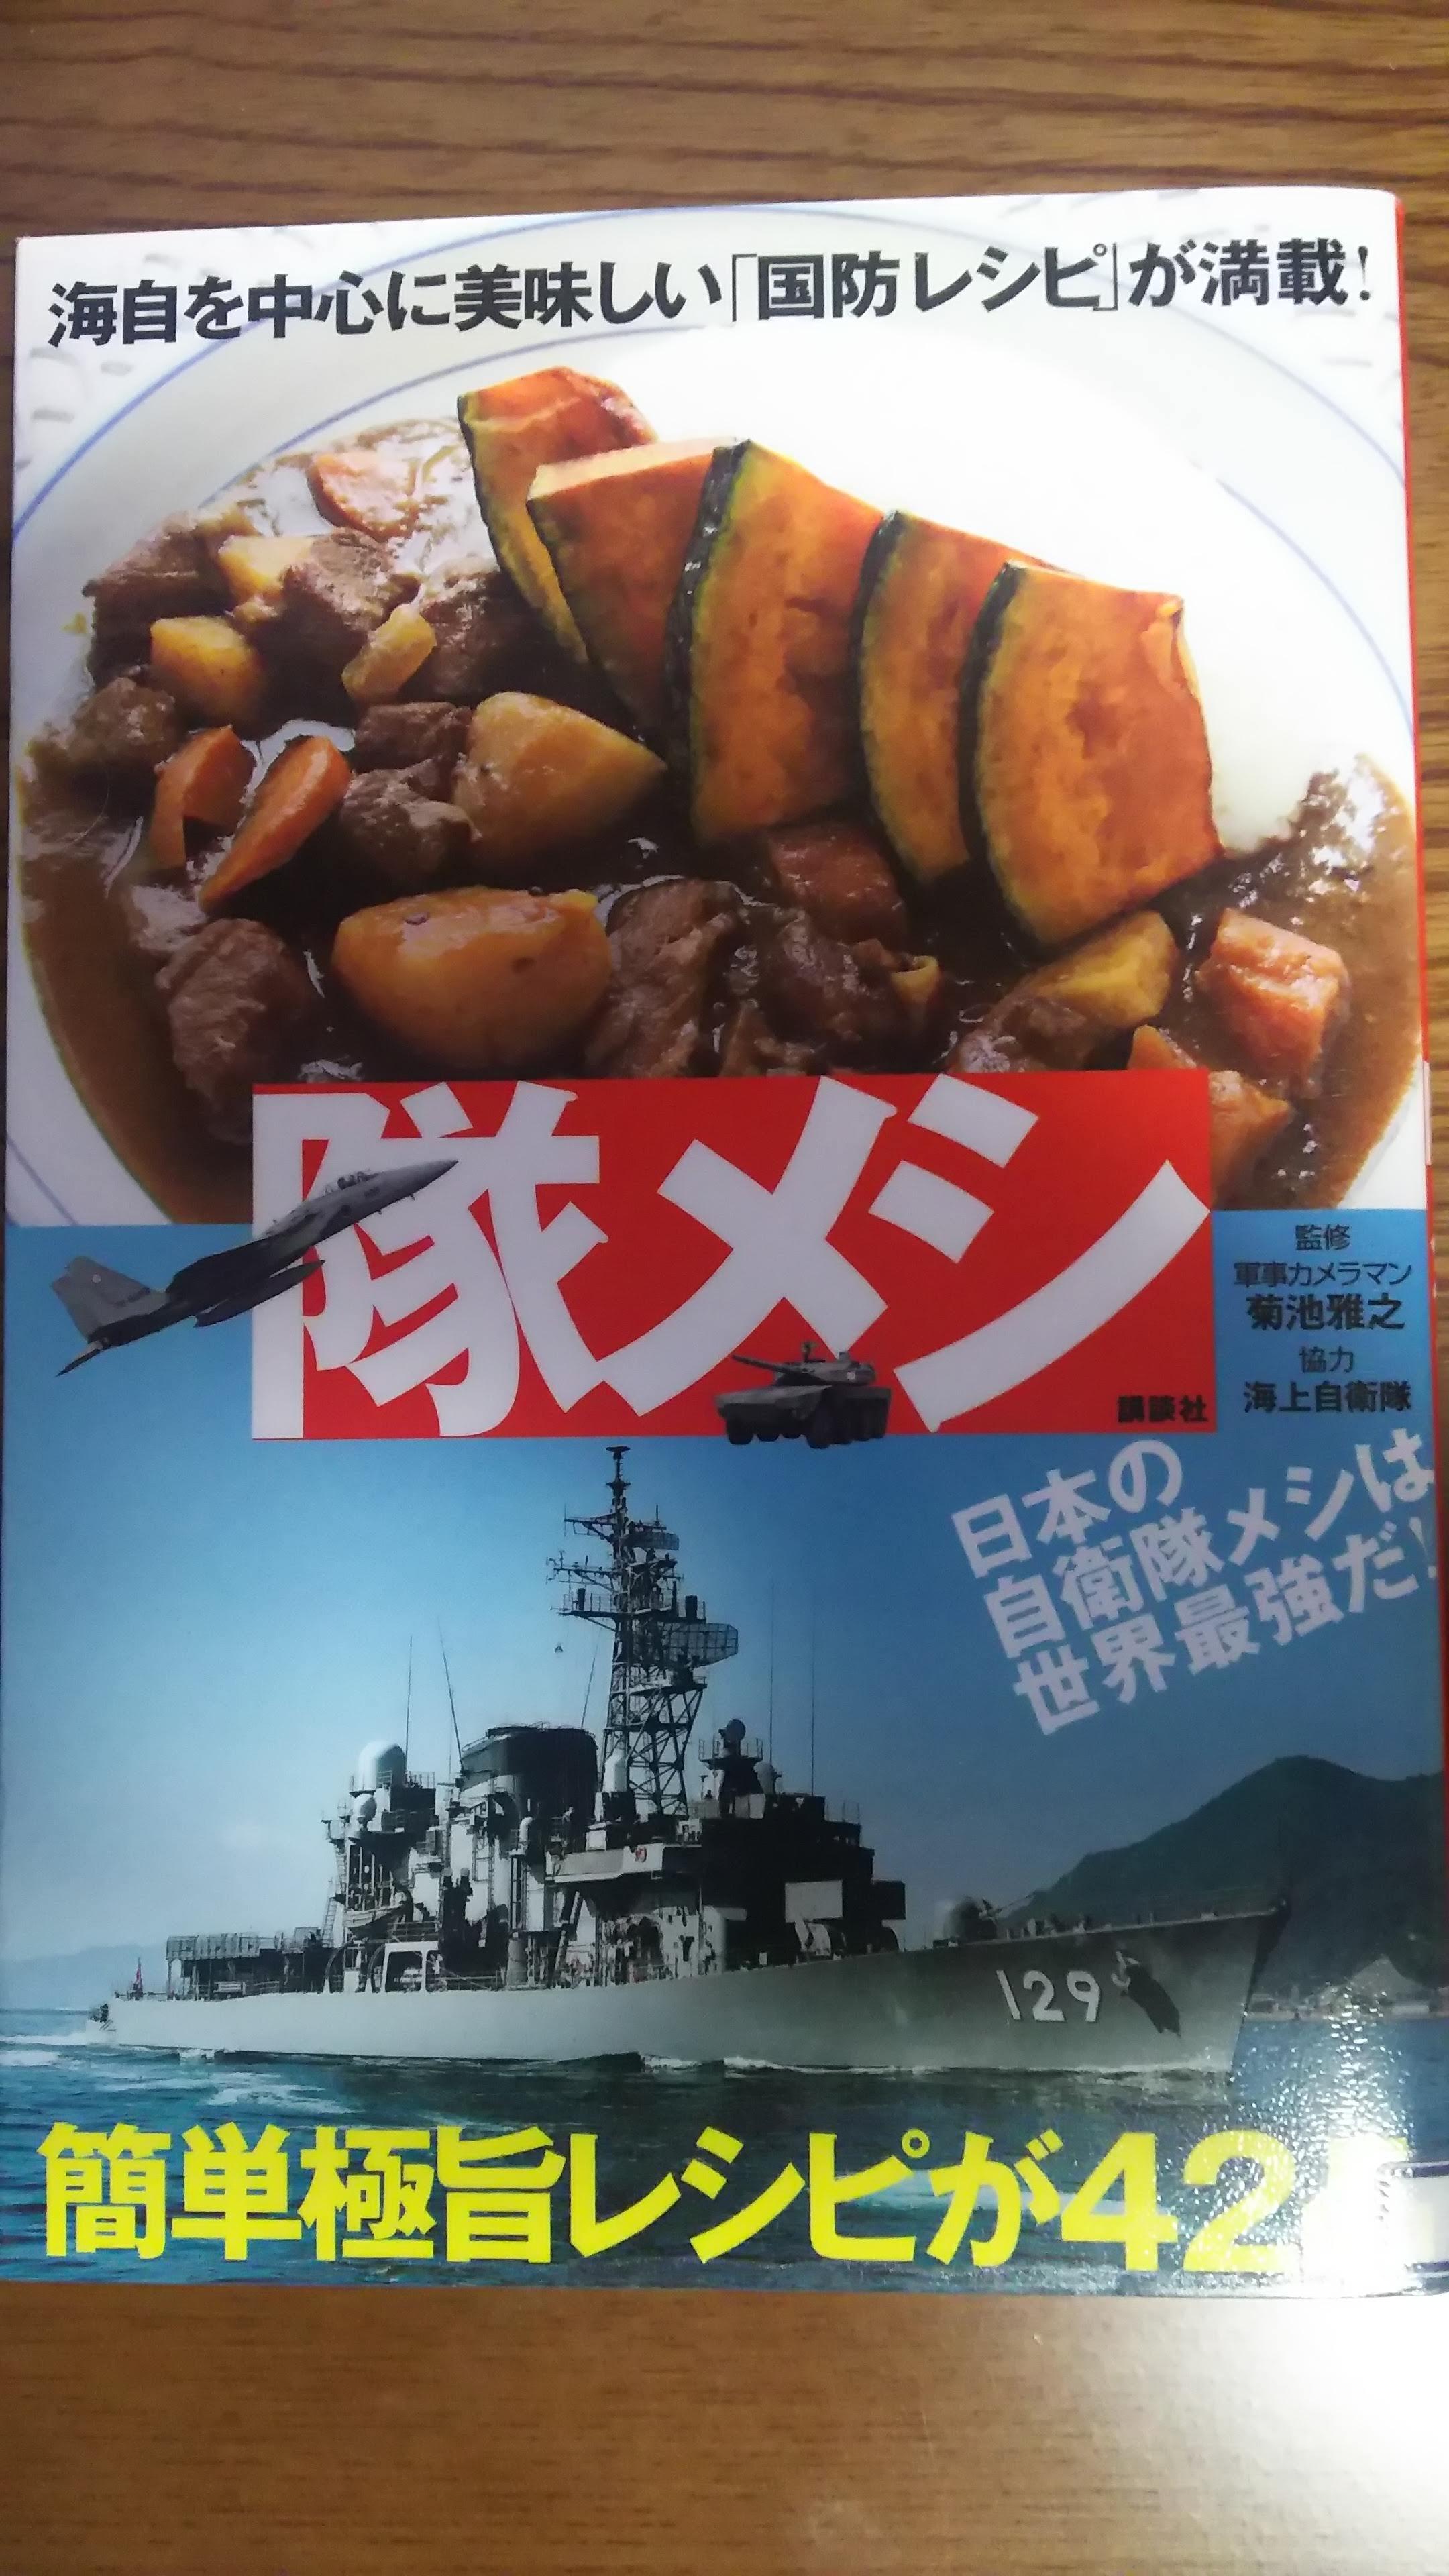 「隊メシ」自衛隊レシピ本が旨そう / self-defense force recipe book looks good